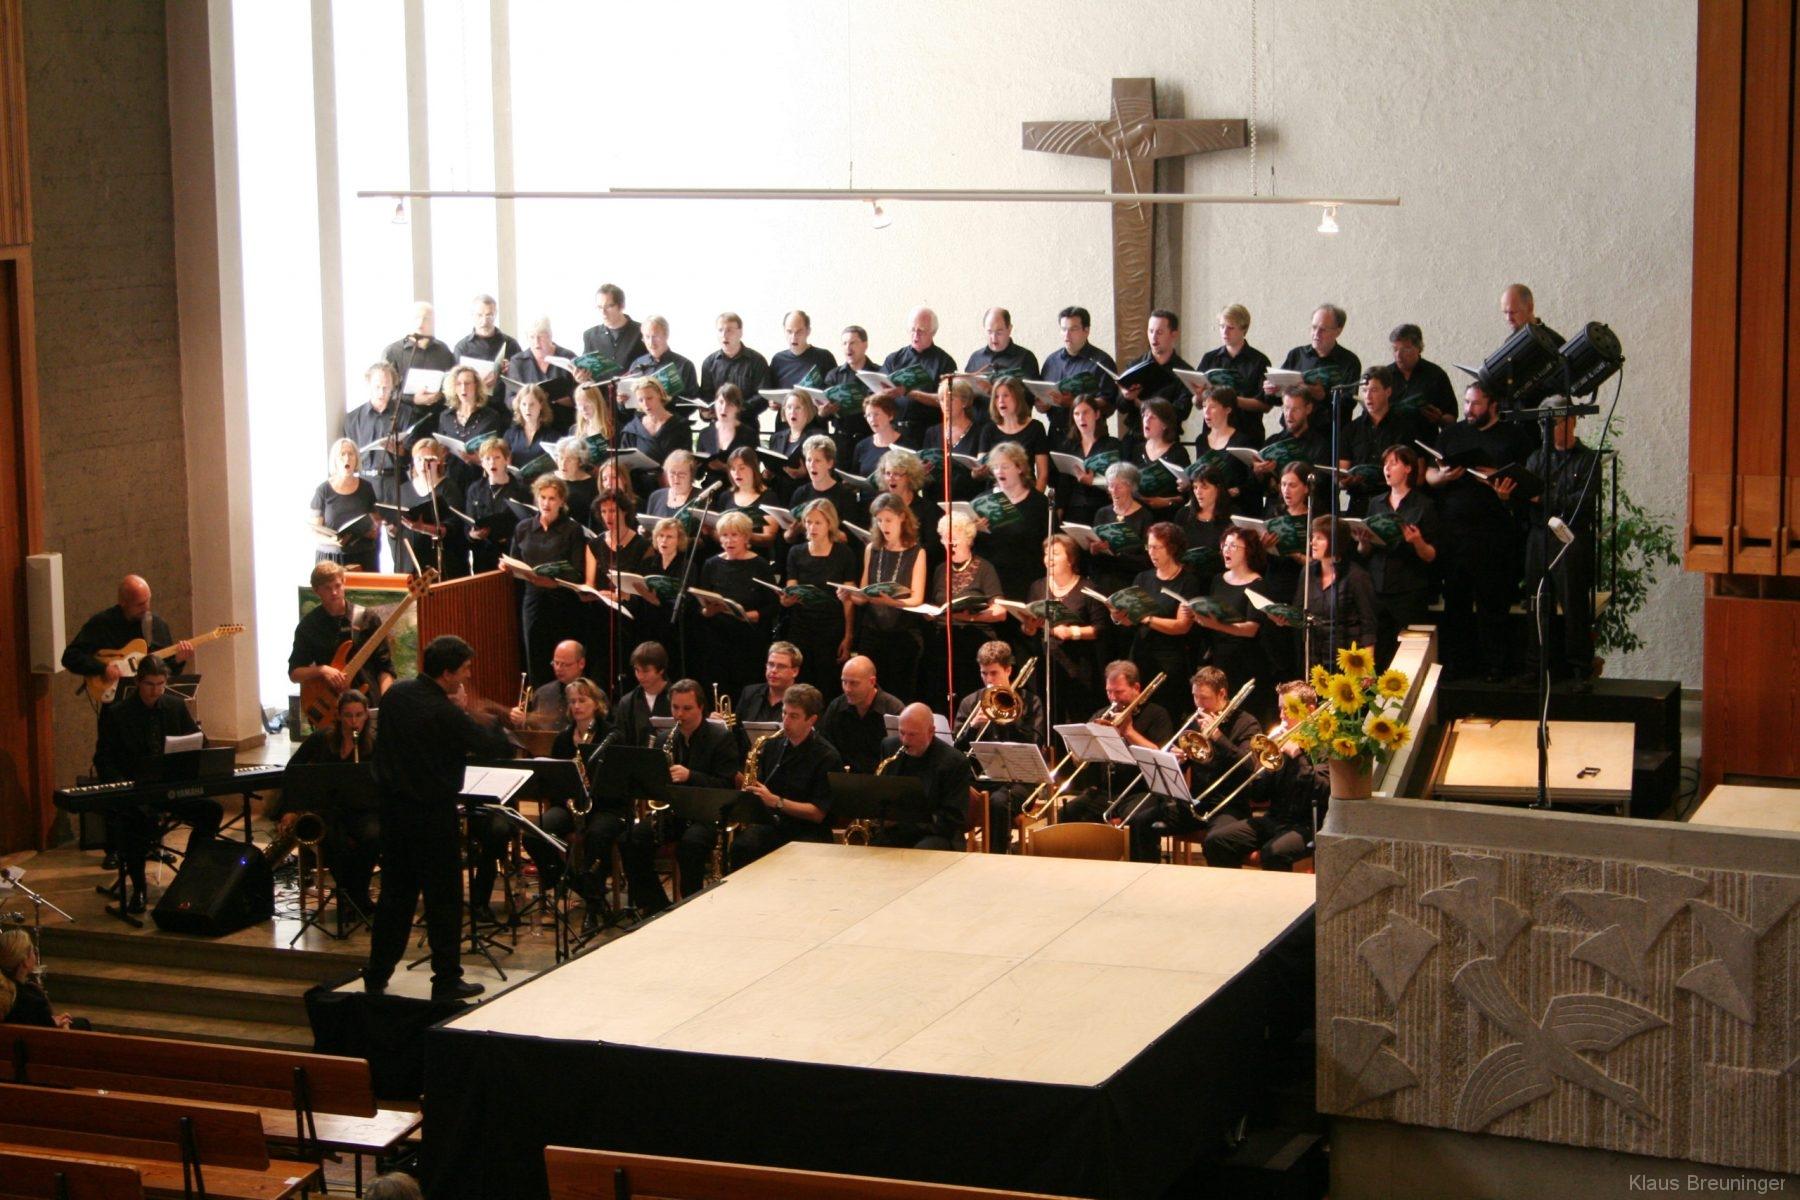 Solitude-Chor, High 'n' Mighty Bigband (Ltg. Frank Knoll)